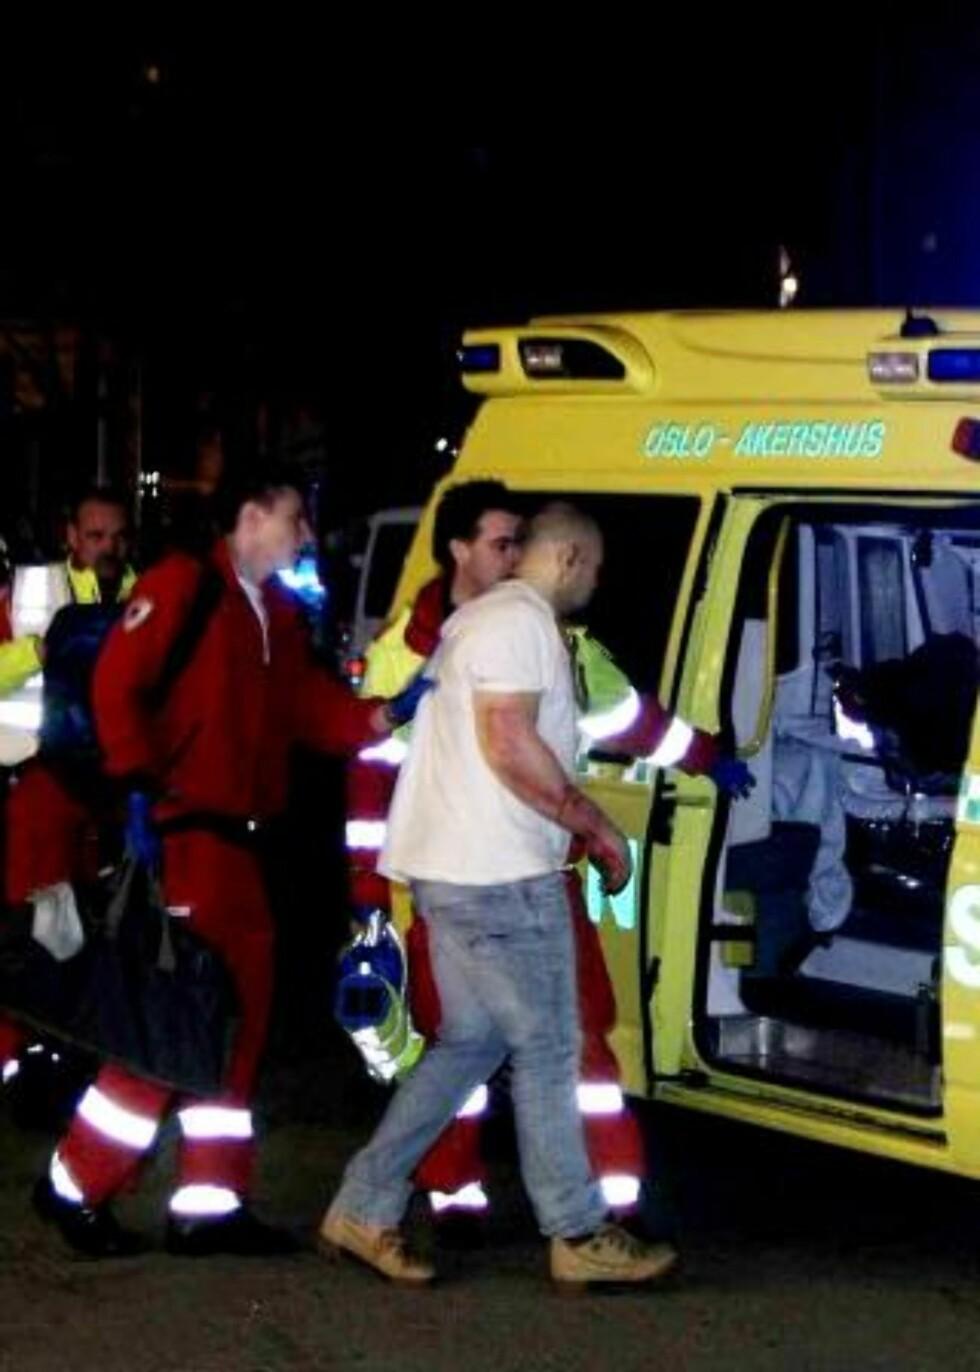 DØRVAKT SKUTT: En dørvakt på utestedet Rå ble truffet i armen. Foto: ROGERIO SNARLI